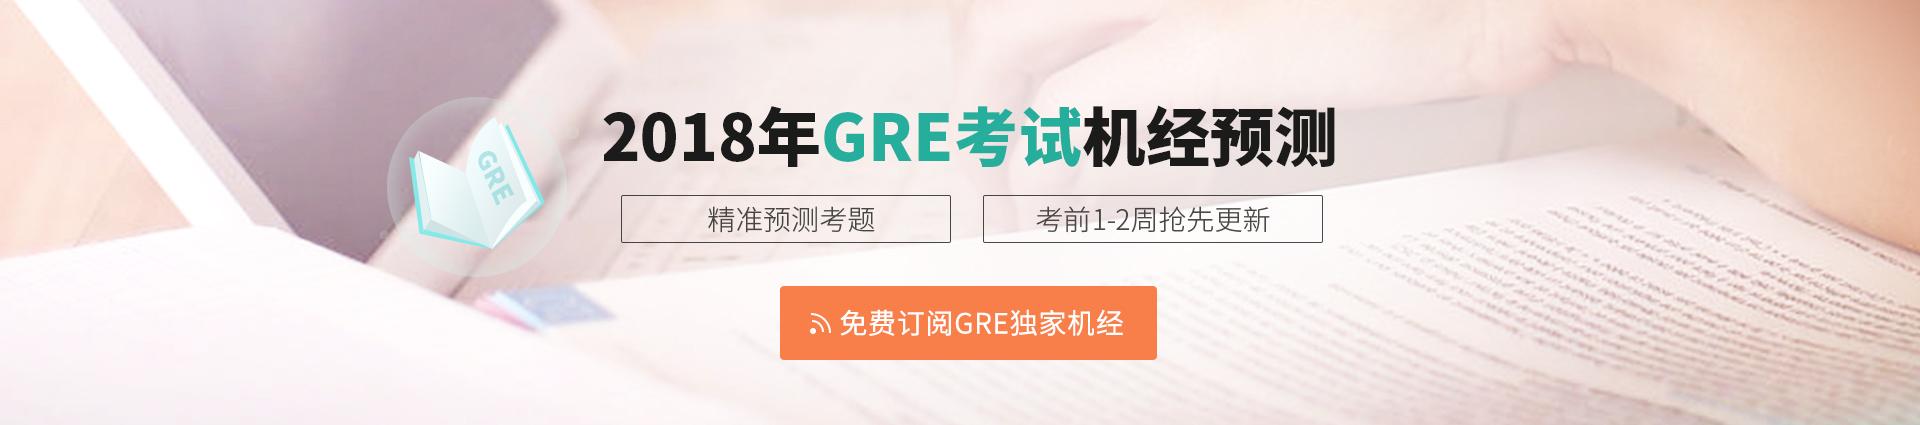 2018年GRE考试机经预测